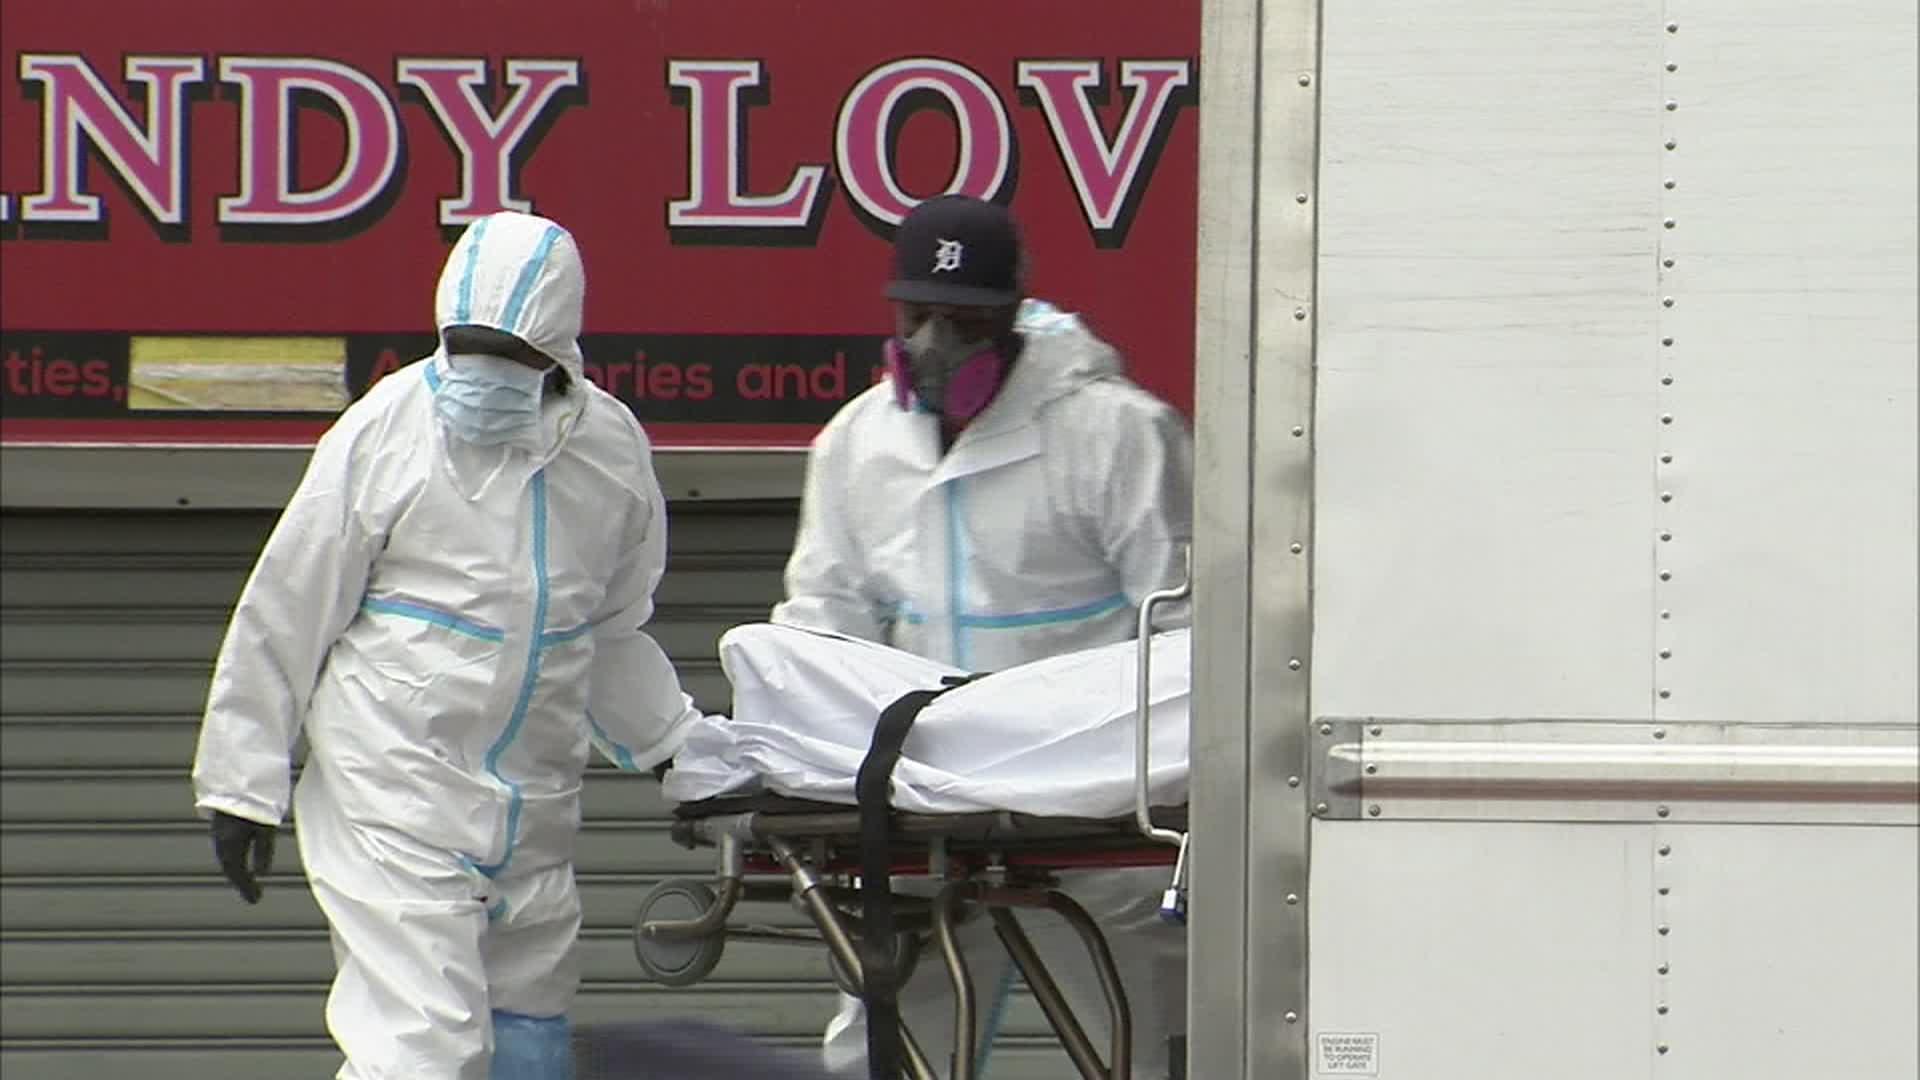 """الشرطة تعثر على 60 جثة لضحايا كورونا """"تحلل بعضها"""" داخل شاحنات في نيويورك"""